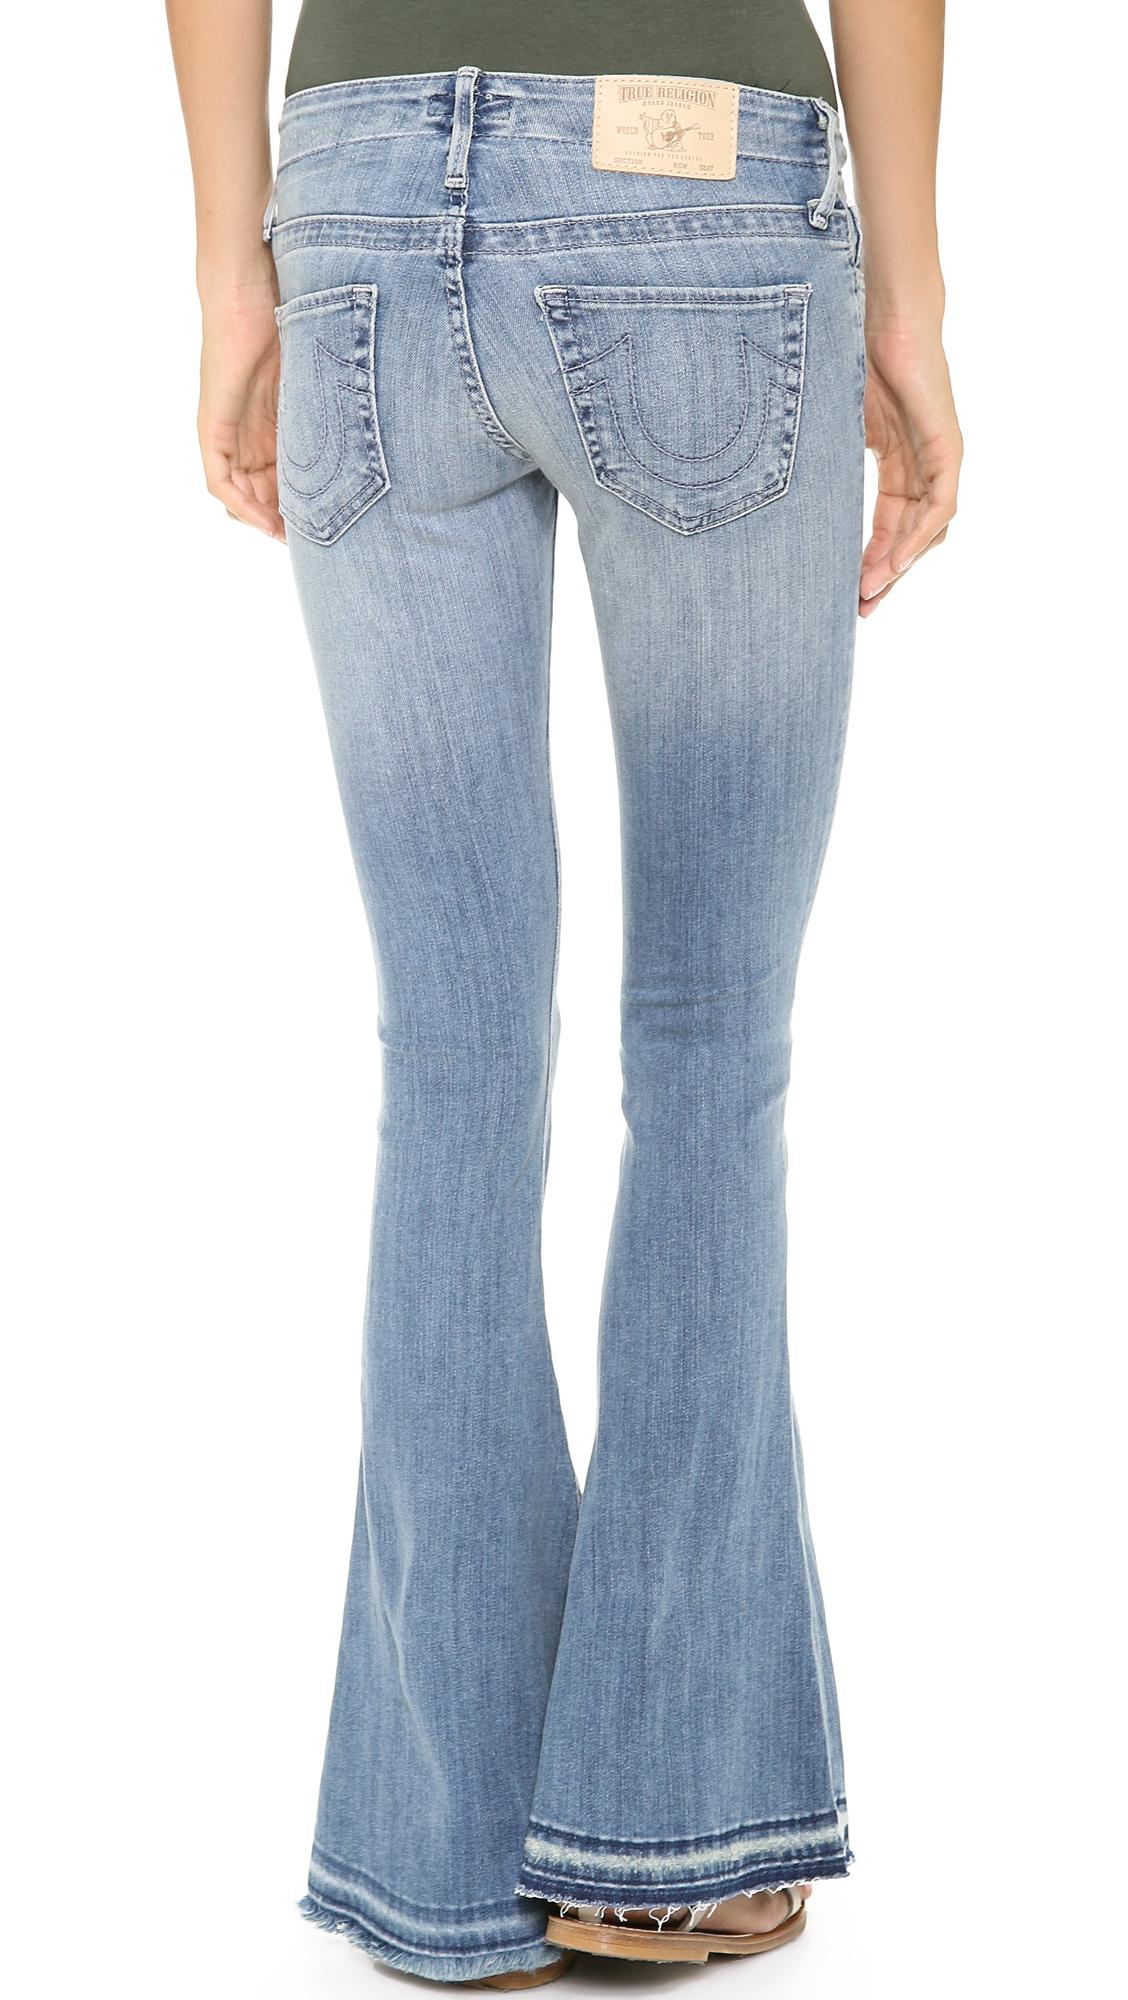 True Religion Jean Shorts Women